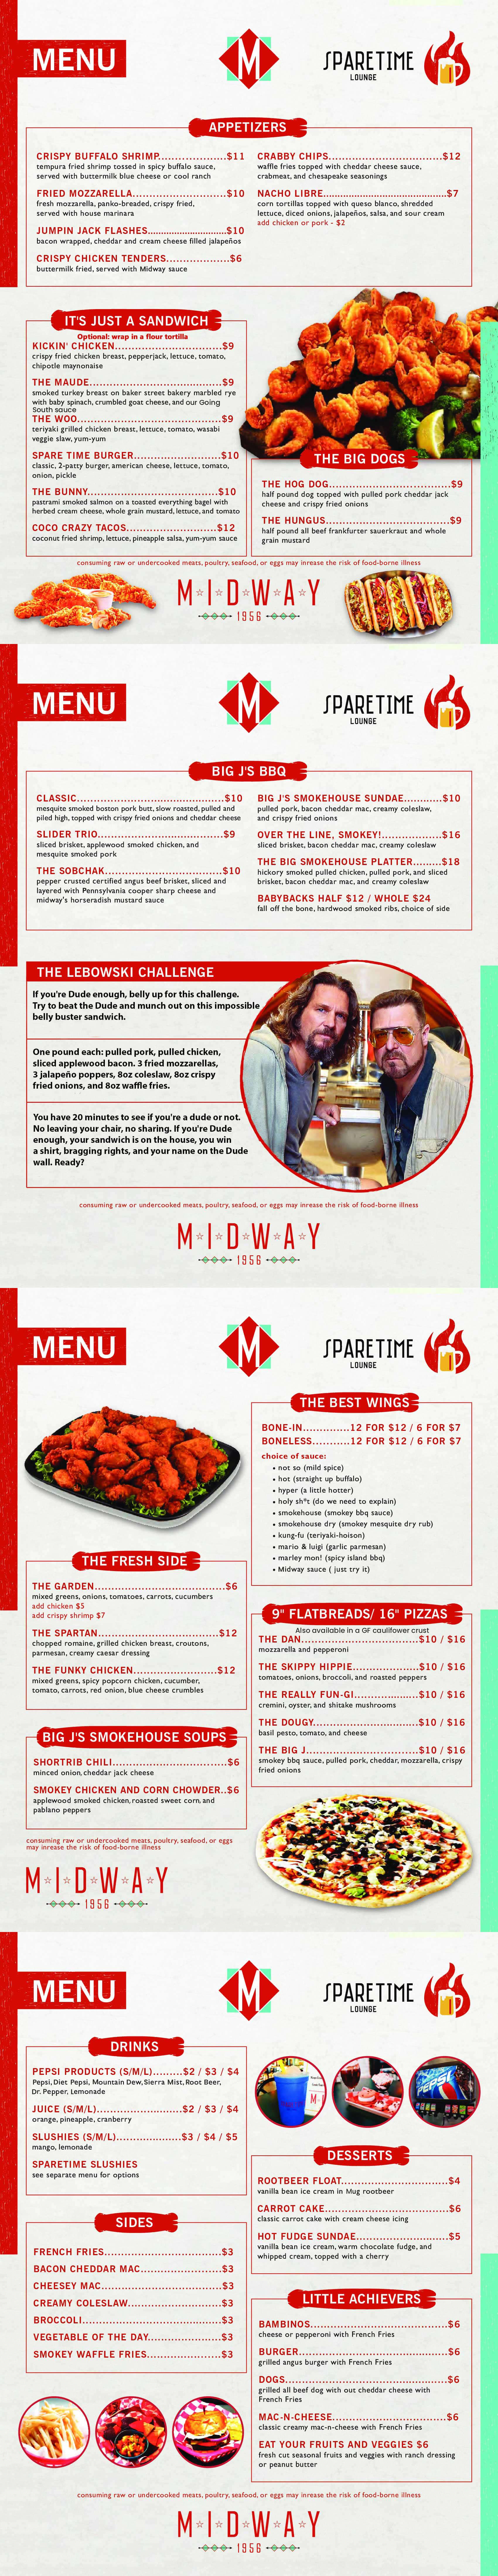 MidwayBowl Menu